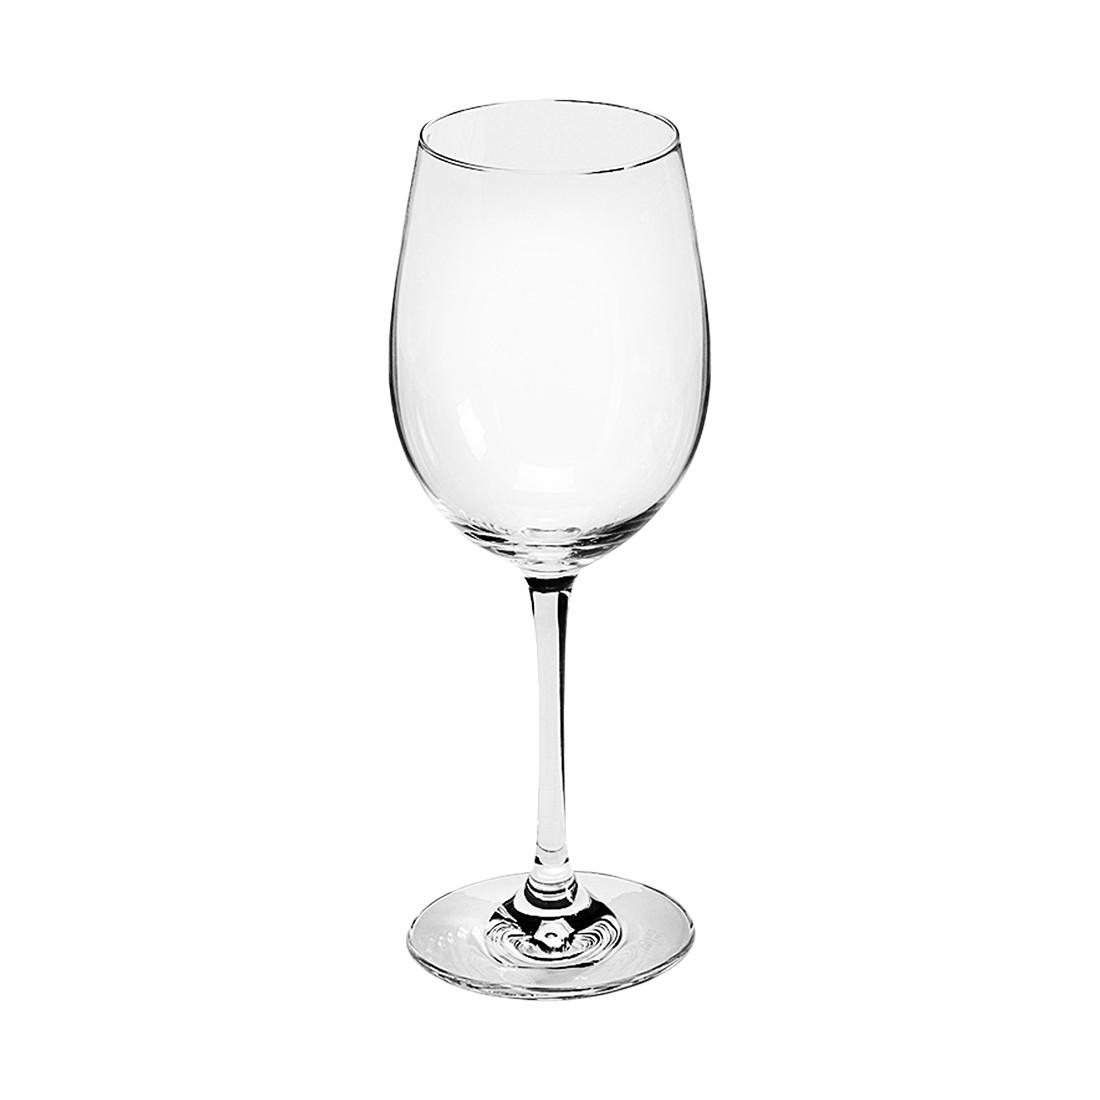 6er-Set Weinglas Classico – Glas Transparent, Schott Zwiesel jetzt bestellen